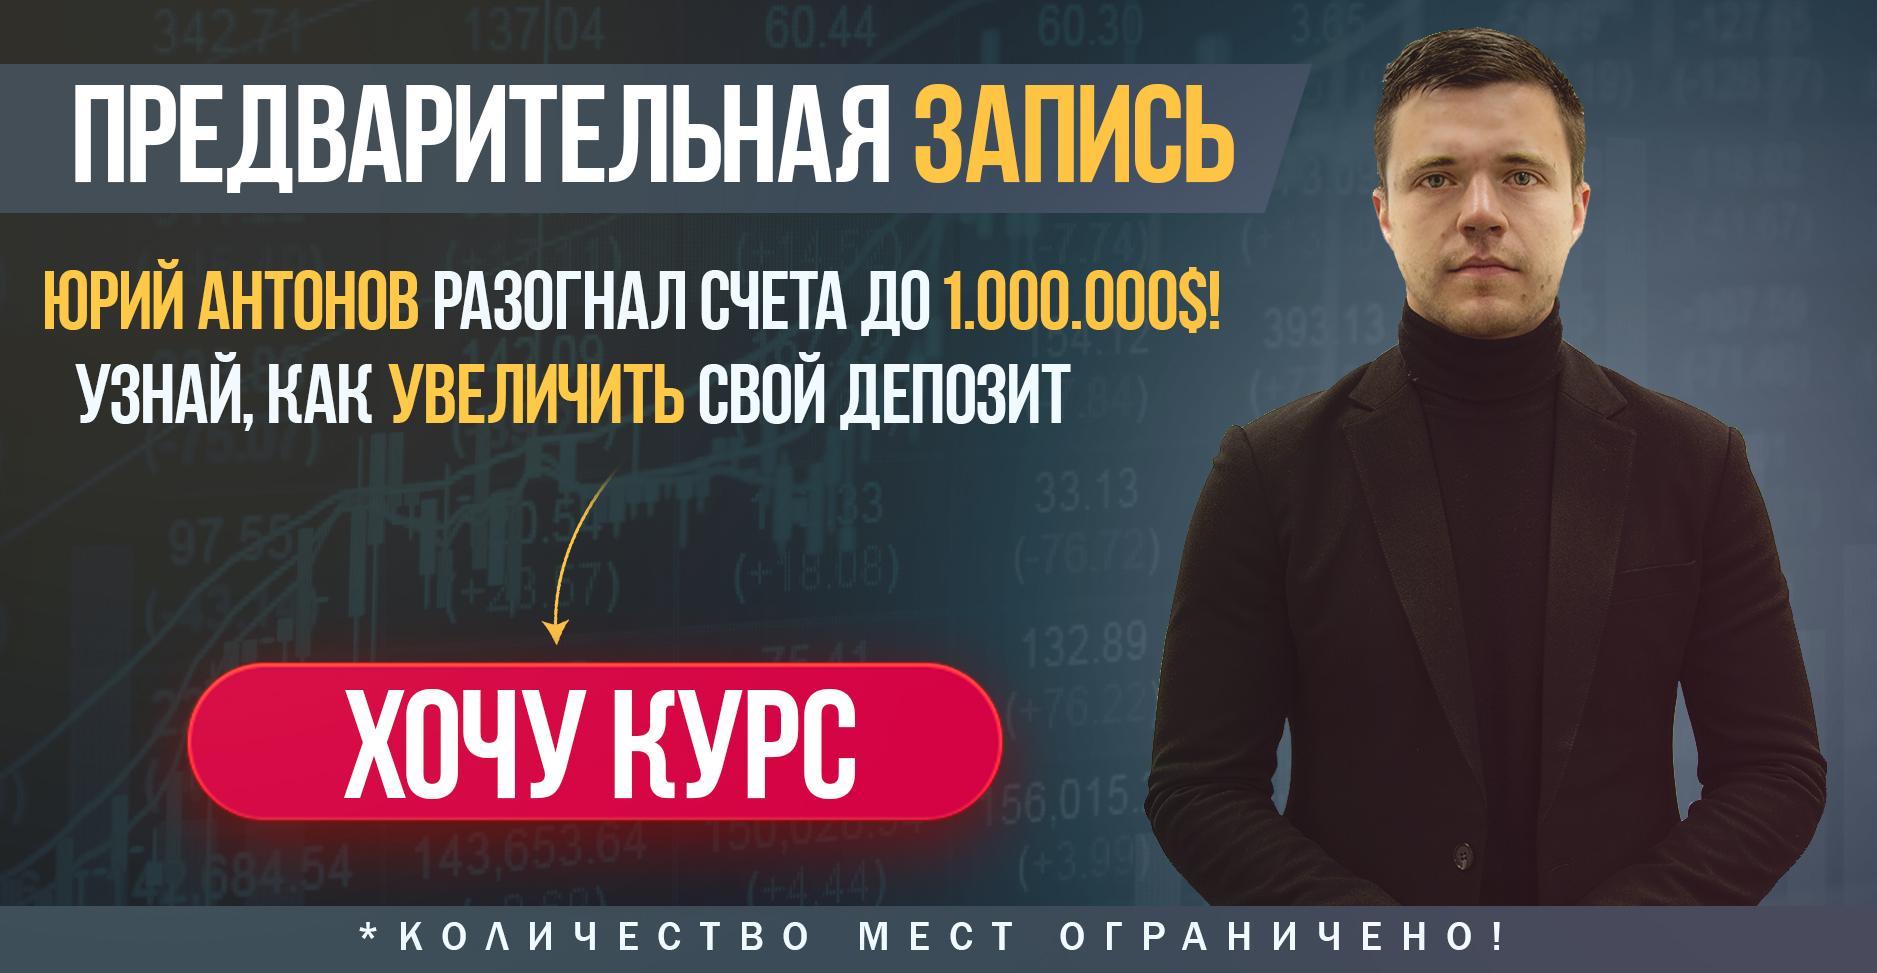 Popup Интенсив Юрия Антонова